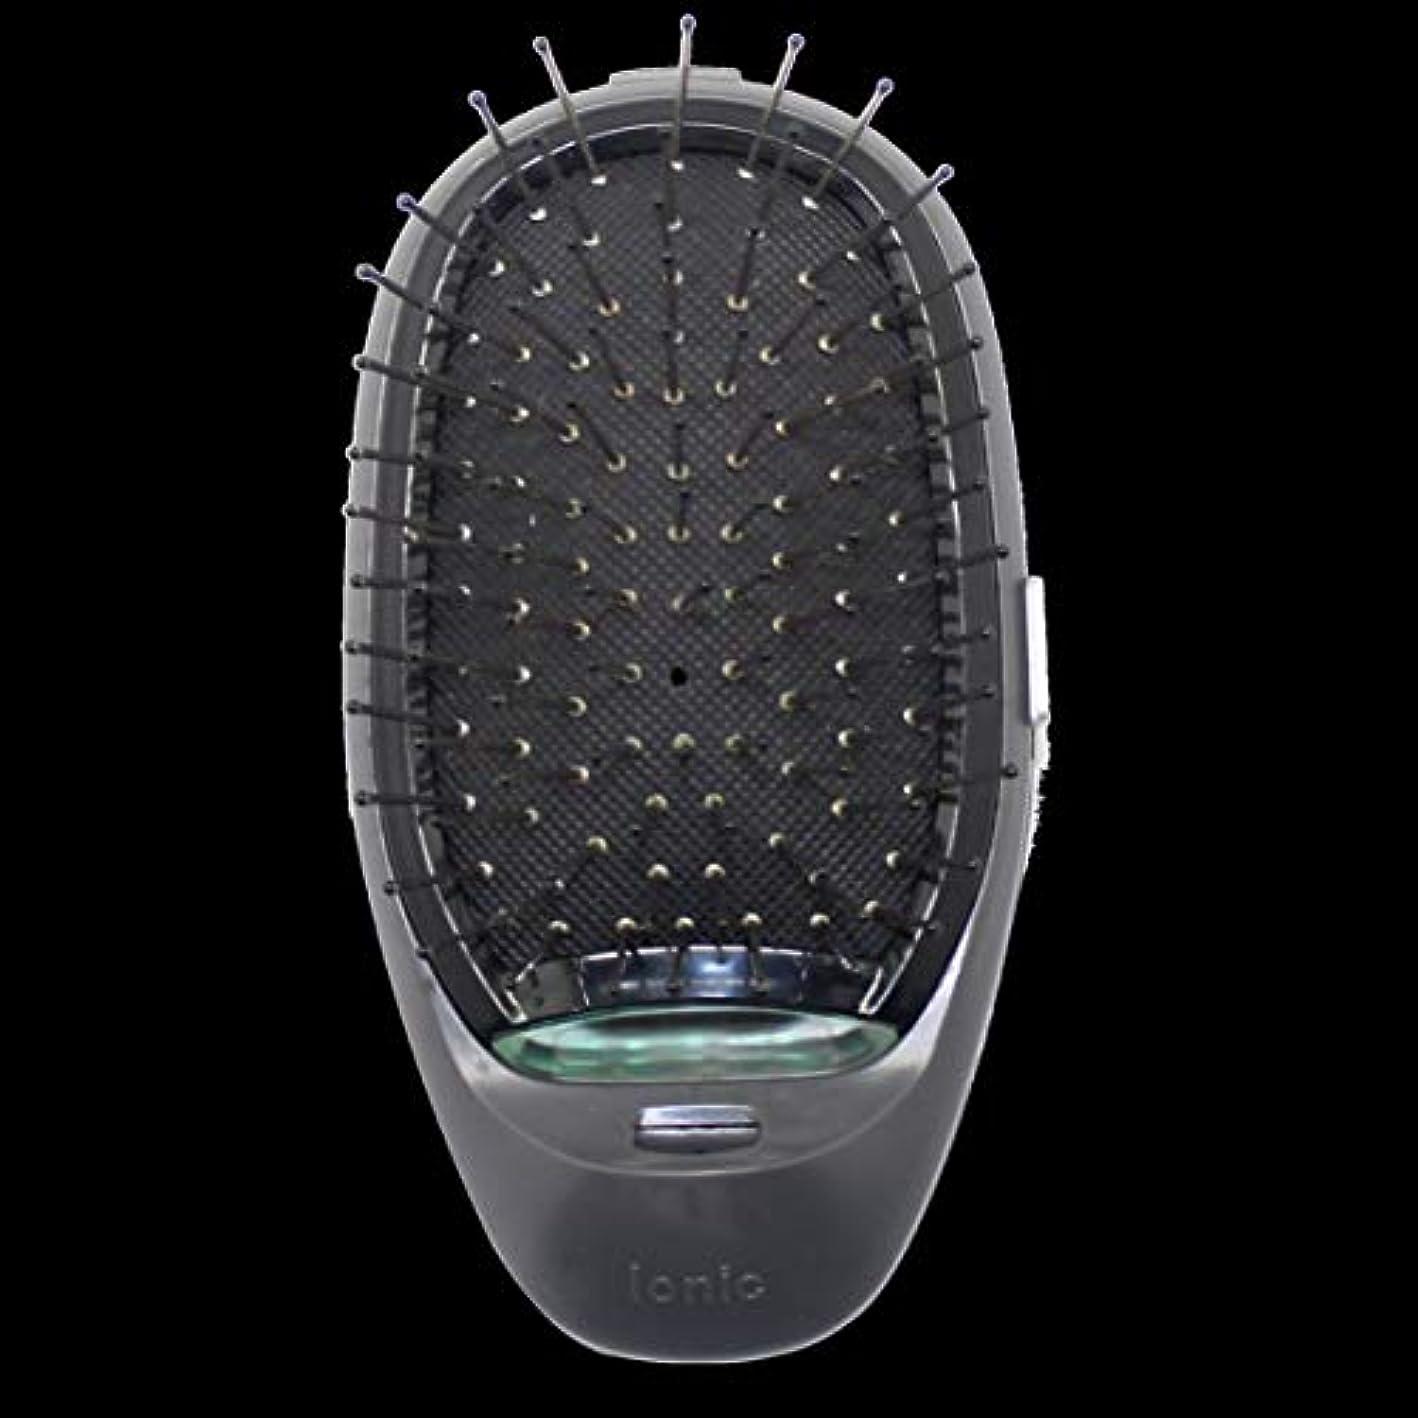 マーカーキャンバスチャレンジ電動マッサージヘアブラシミニマイナスイオンヘアコム3Dインフレータブルコーム帯電防止ガールズヘアブラシ電池式 - ブラック